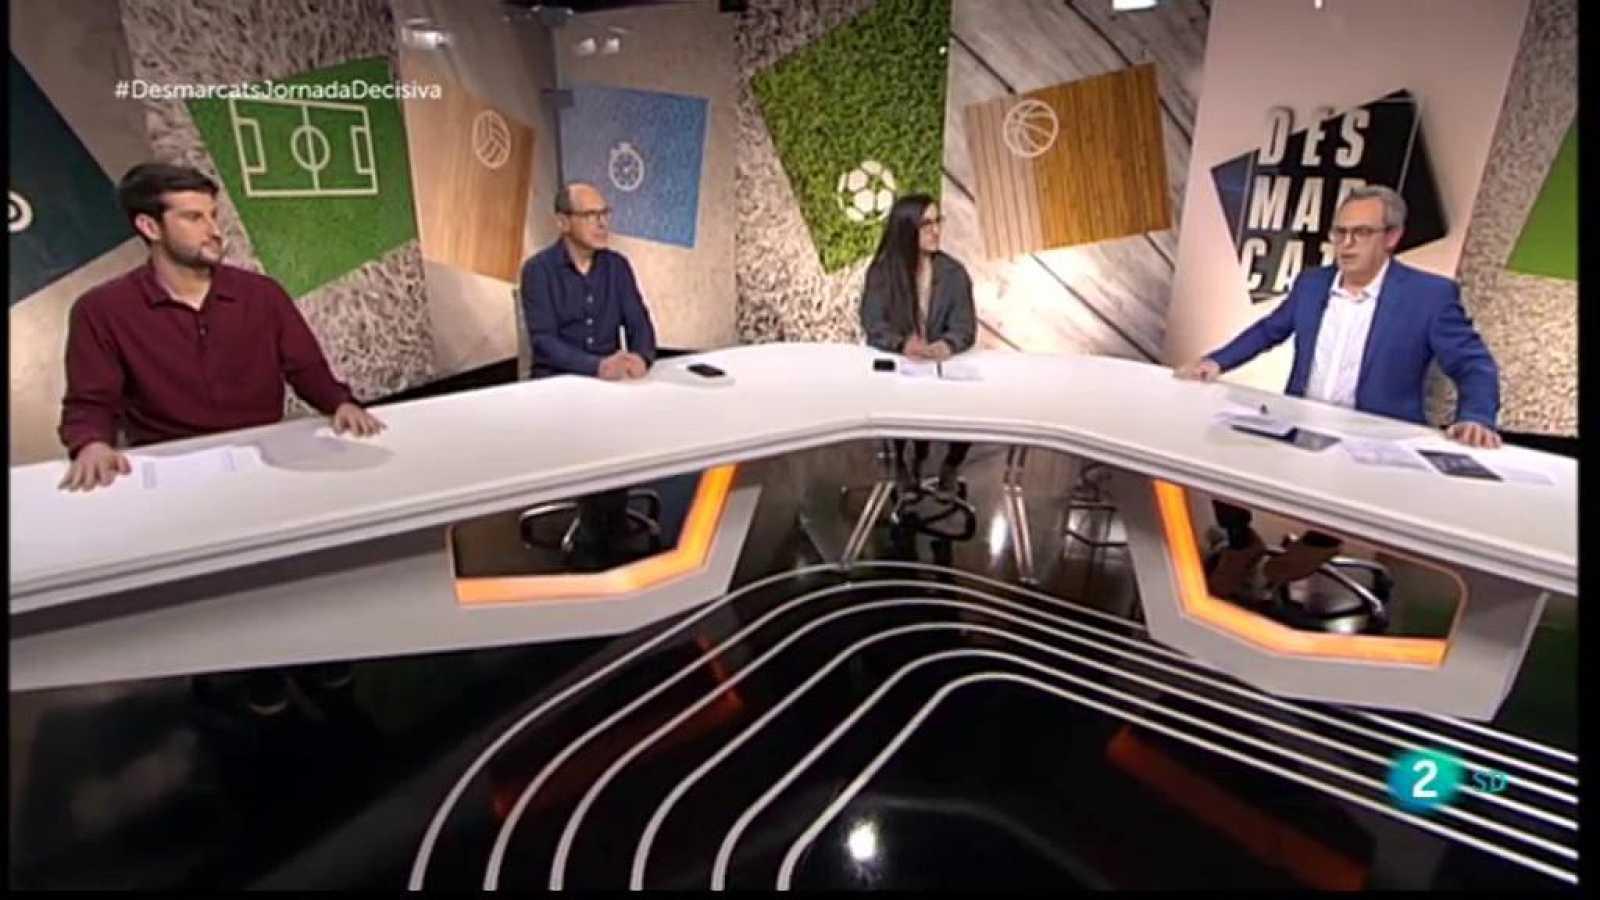 Desmarcats - Tertúlia Esportiva. El record de Maradona